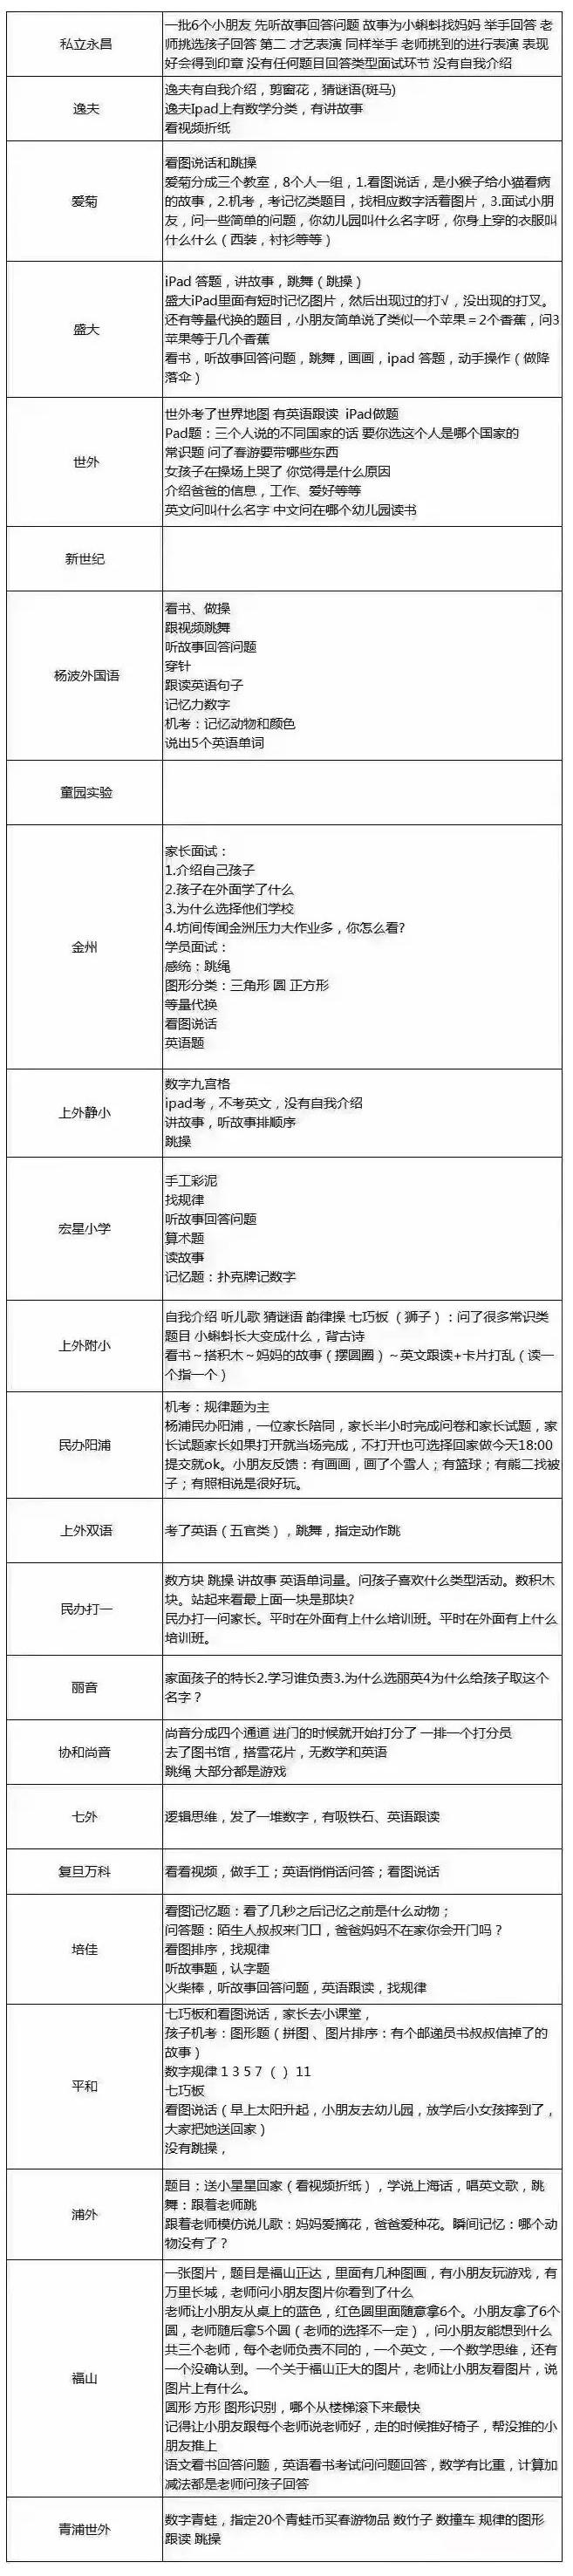 2017上海各民办小学幼升小面谈试题汇总